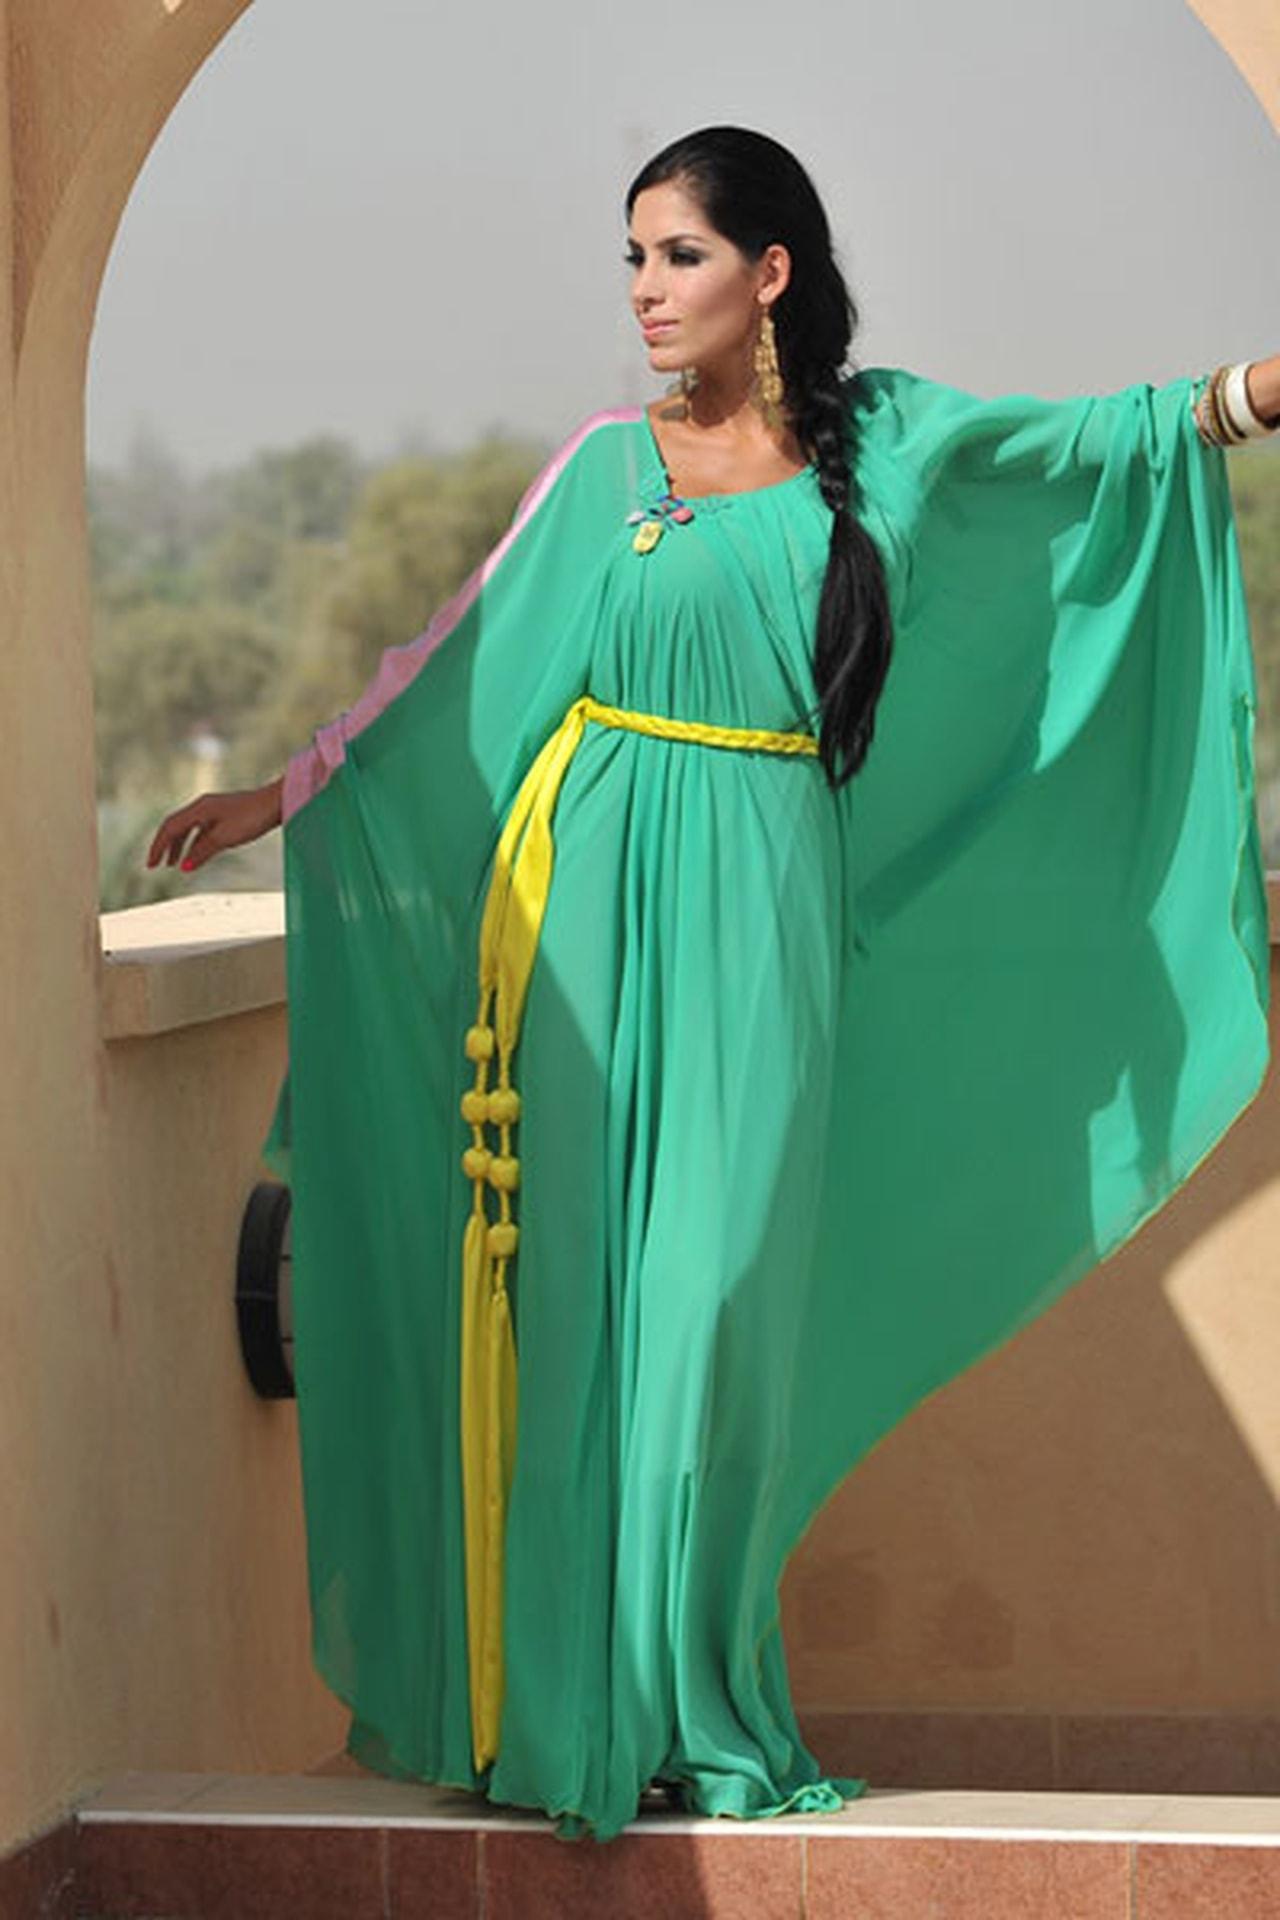 بالصور عبايات خروج ملونة مصرية , اجمل عبايات ملونة تحفة 3411 12